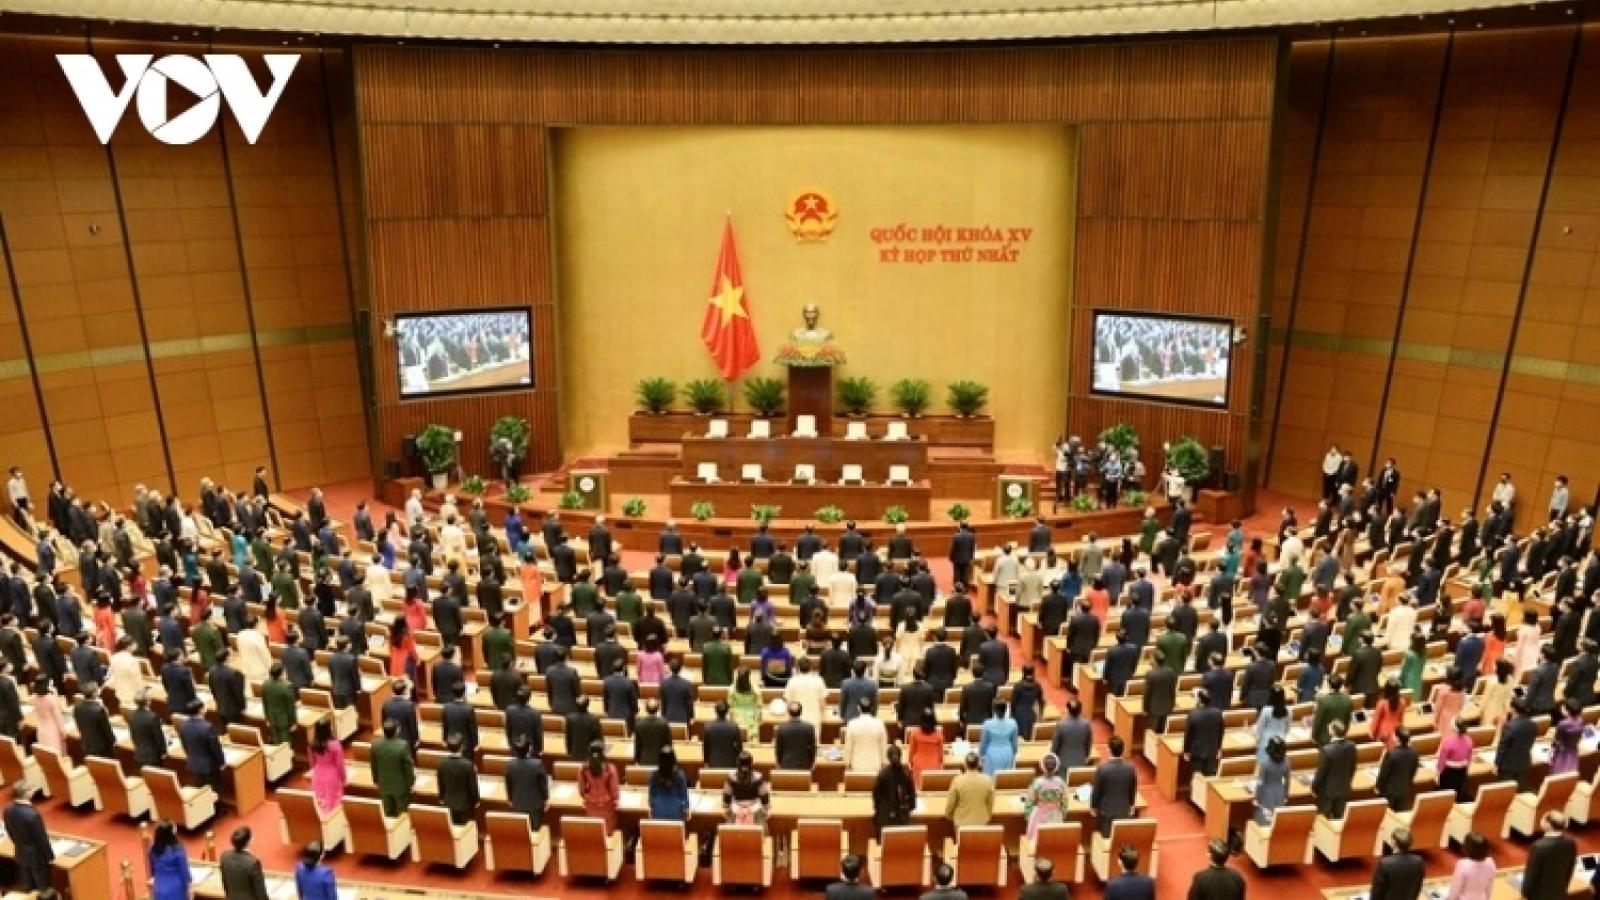 """Quốc hội chuẩn bị từ sớm, từ xa để """"kỳ họp sau tốt hơn kỳ trước"""""""